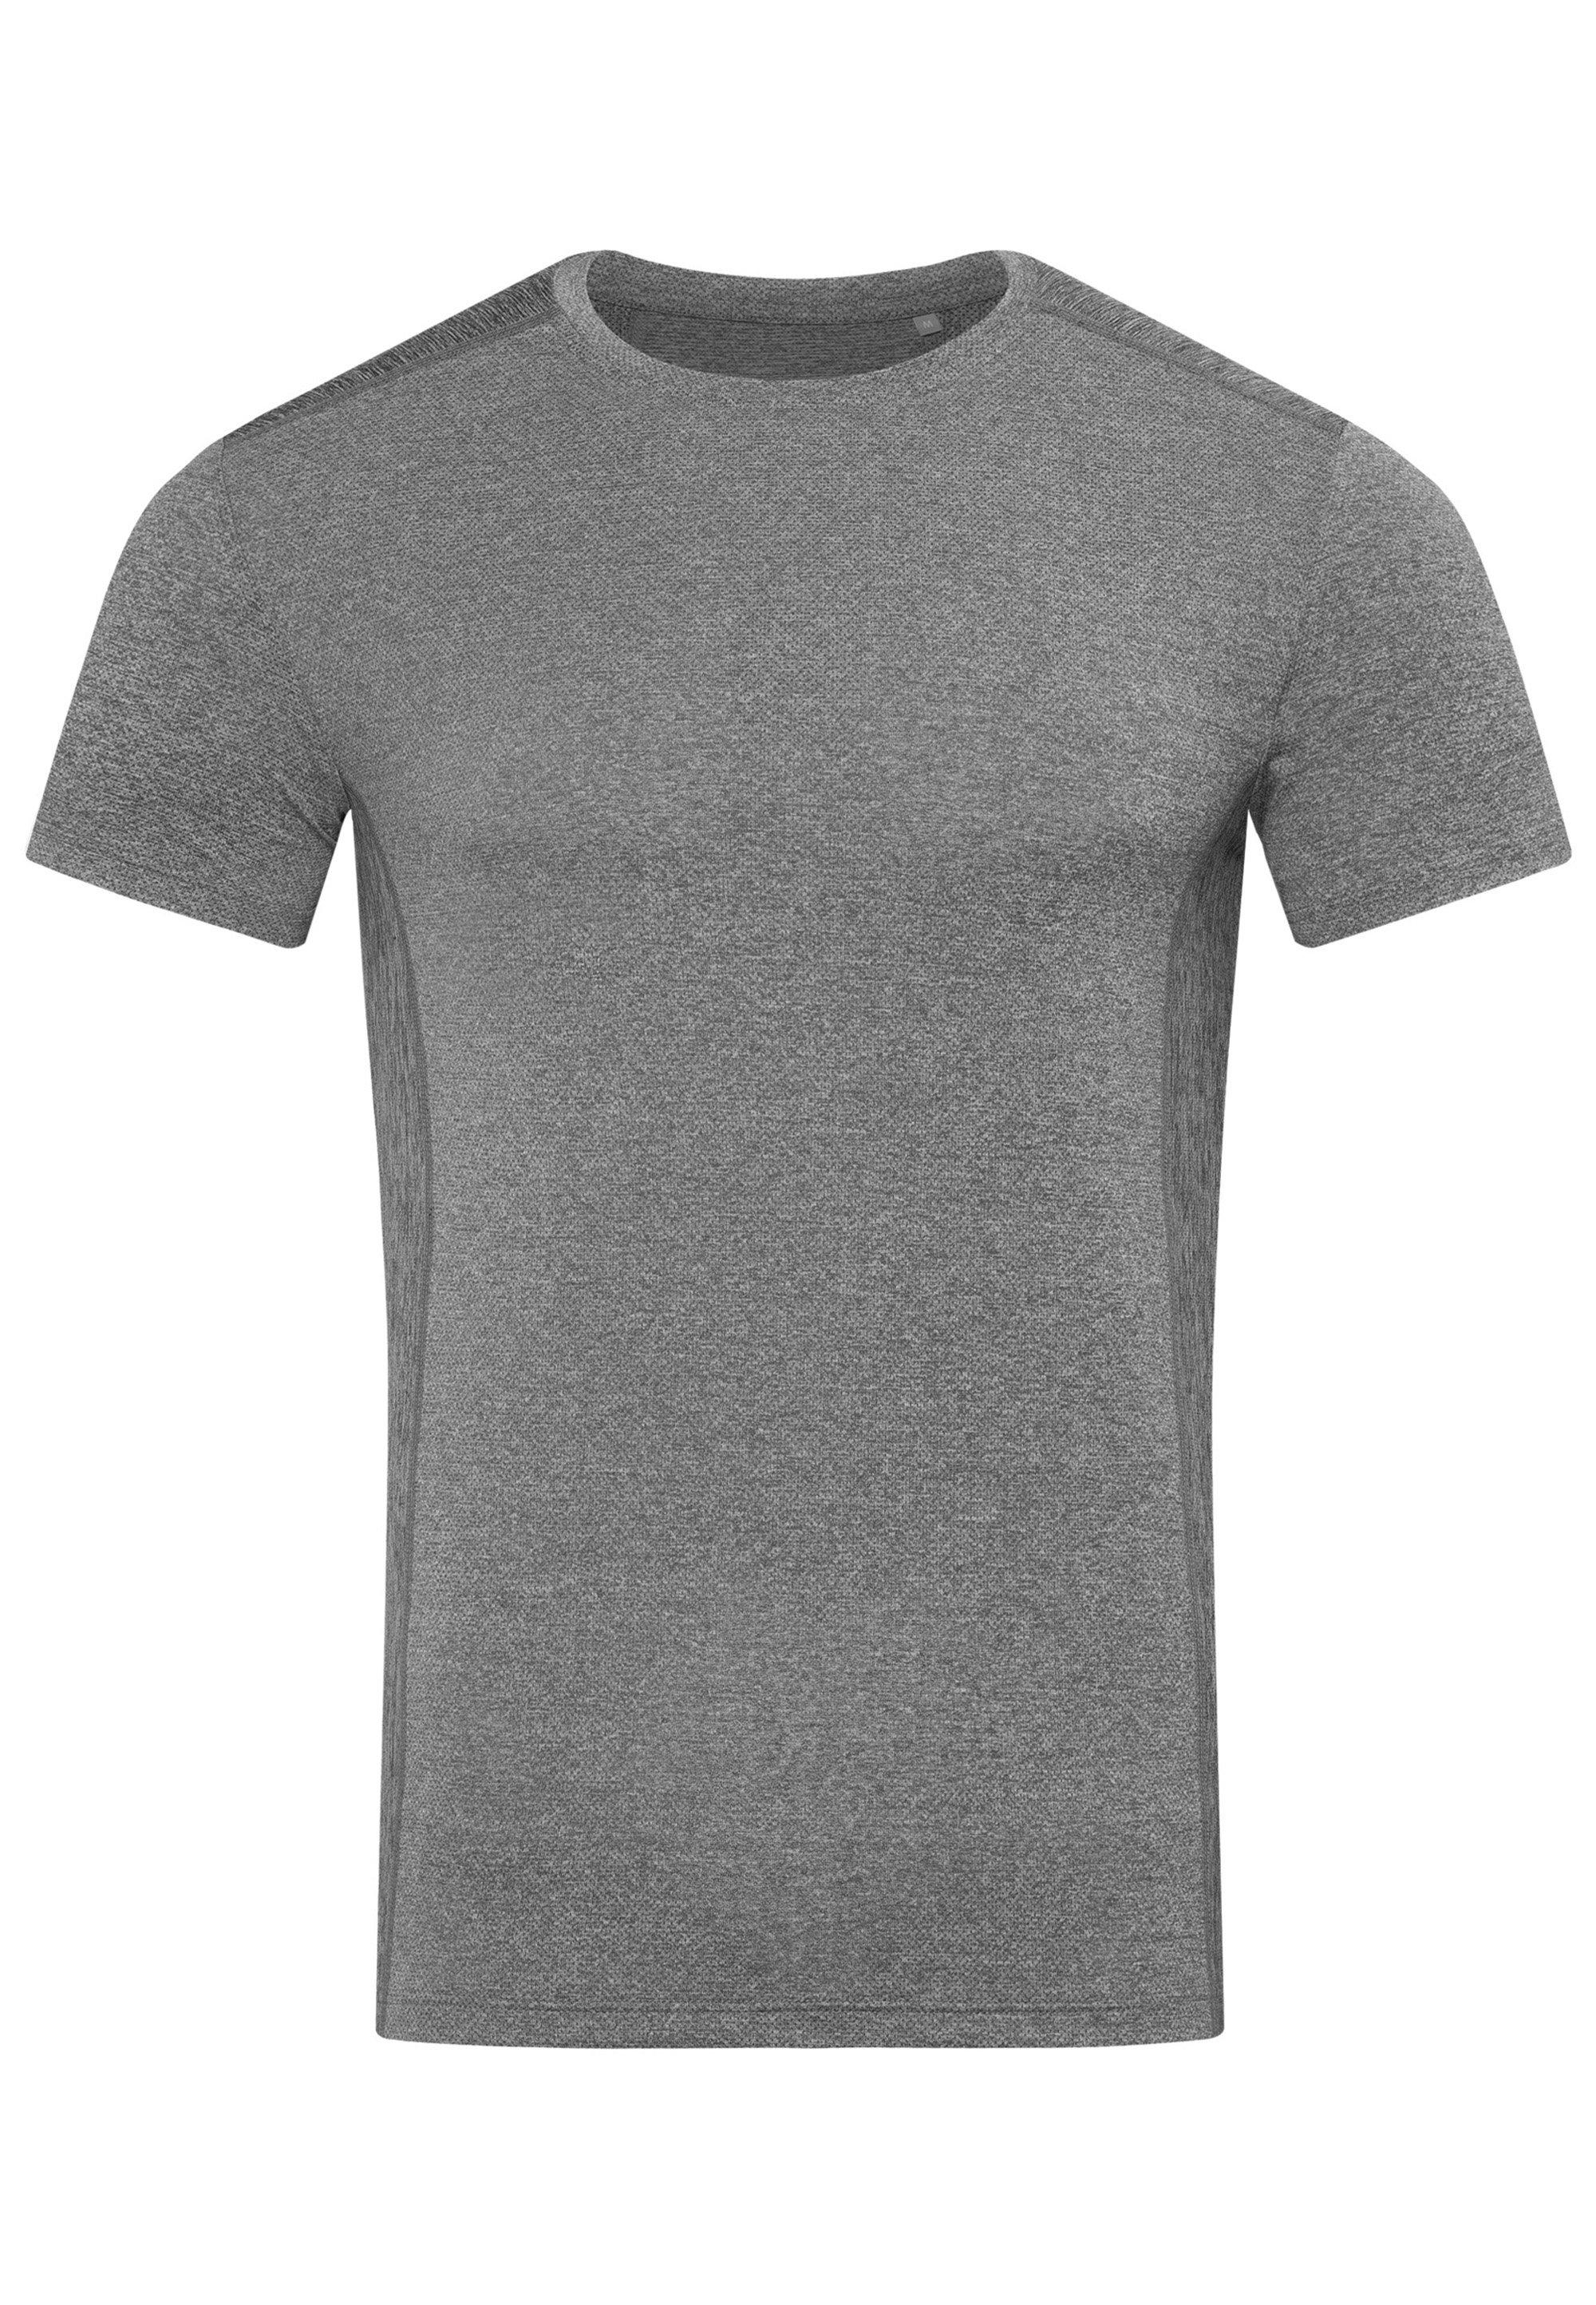 Stedman T-shirt van gerecycled materiaal veilig op otto.nl kopen